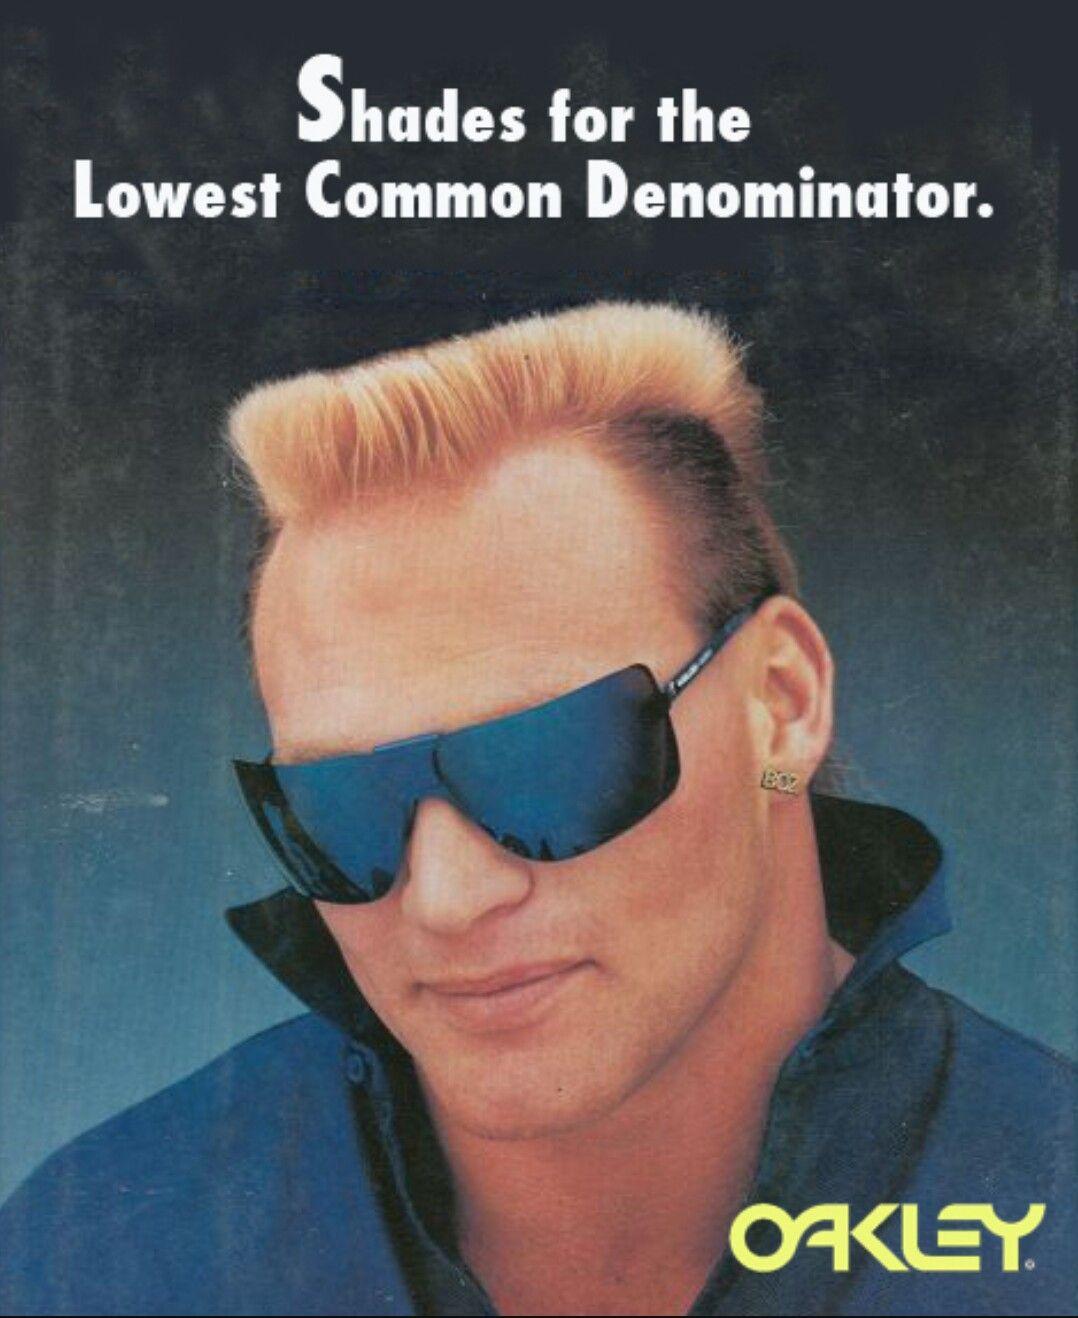 b69d96bebd4b ... spain vintage ad for oakley sunglasses vintagead vintageadvertising  vintageadvertisement oakley oakleysunglasses fashion style 80s 90s vintage